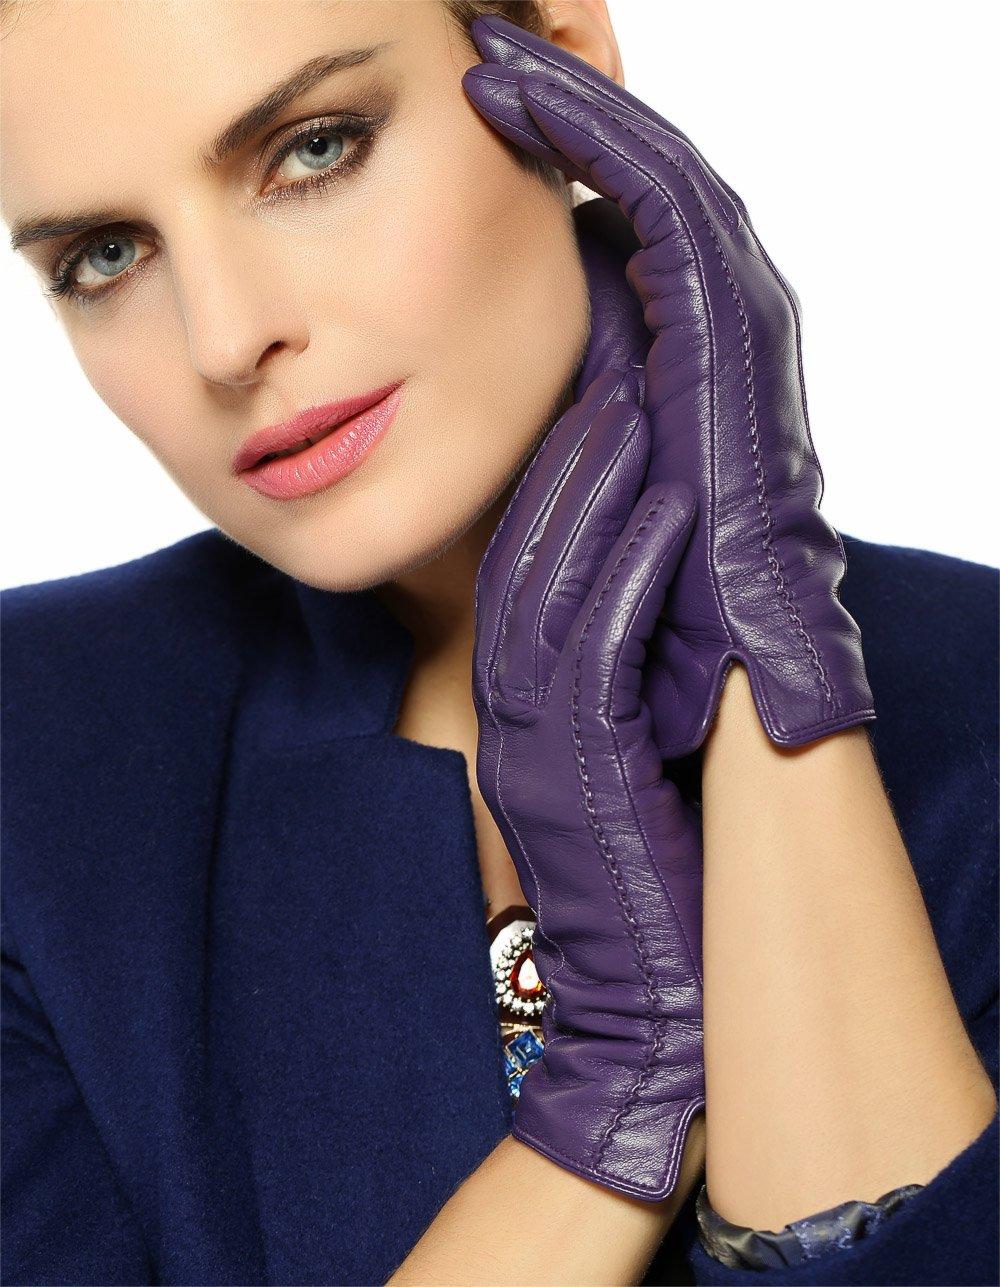 WARMEN Classic Women's Geniune Leather Winter Warm Gloves Simple Sytle (L, Purple)